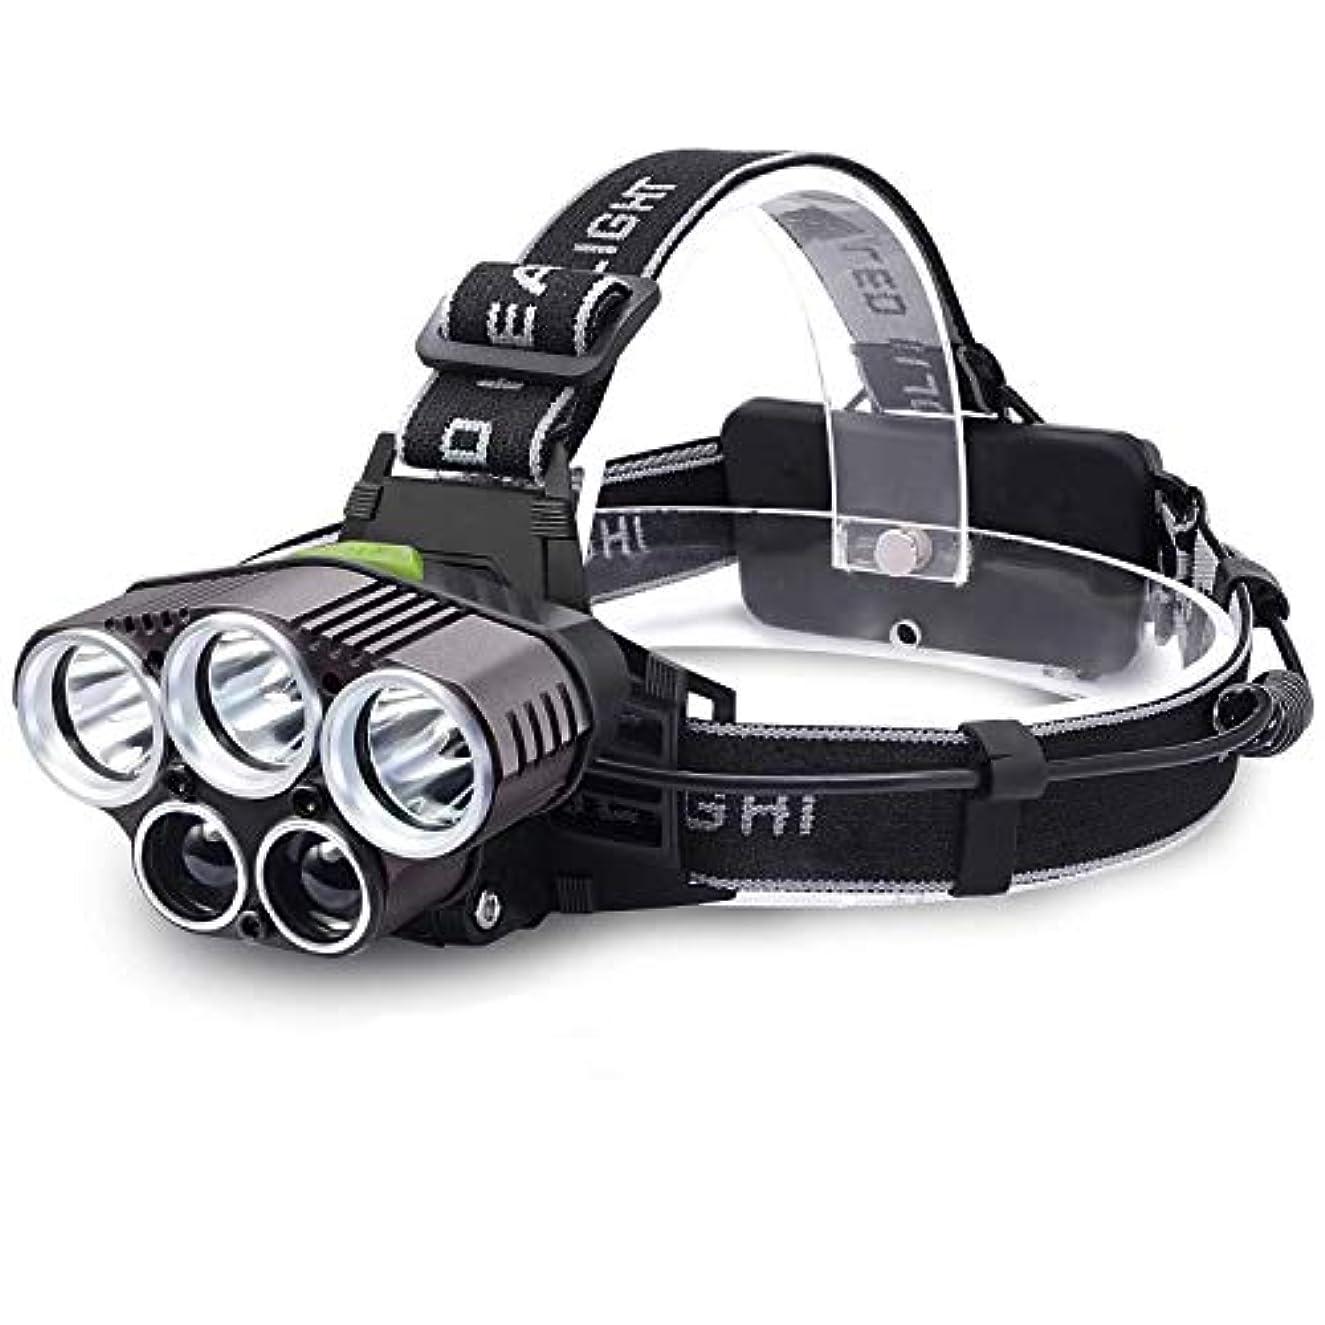 垂直ウナギナンセンス5つのライト多機能LEDヘッドライト、屋外の強い15000ルーメン固定焦点長距離ヘッドトーチスーパーブライトナイトフィッシングライトキャンプ用ランナー、ハイキング、釣り